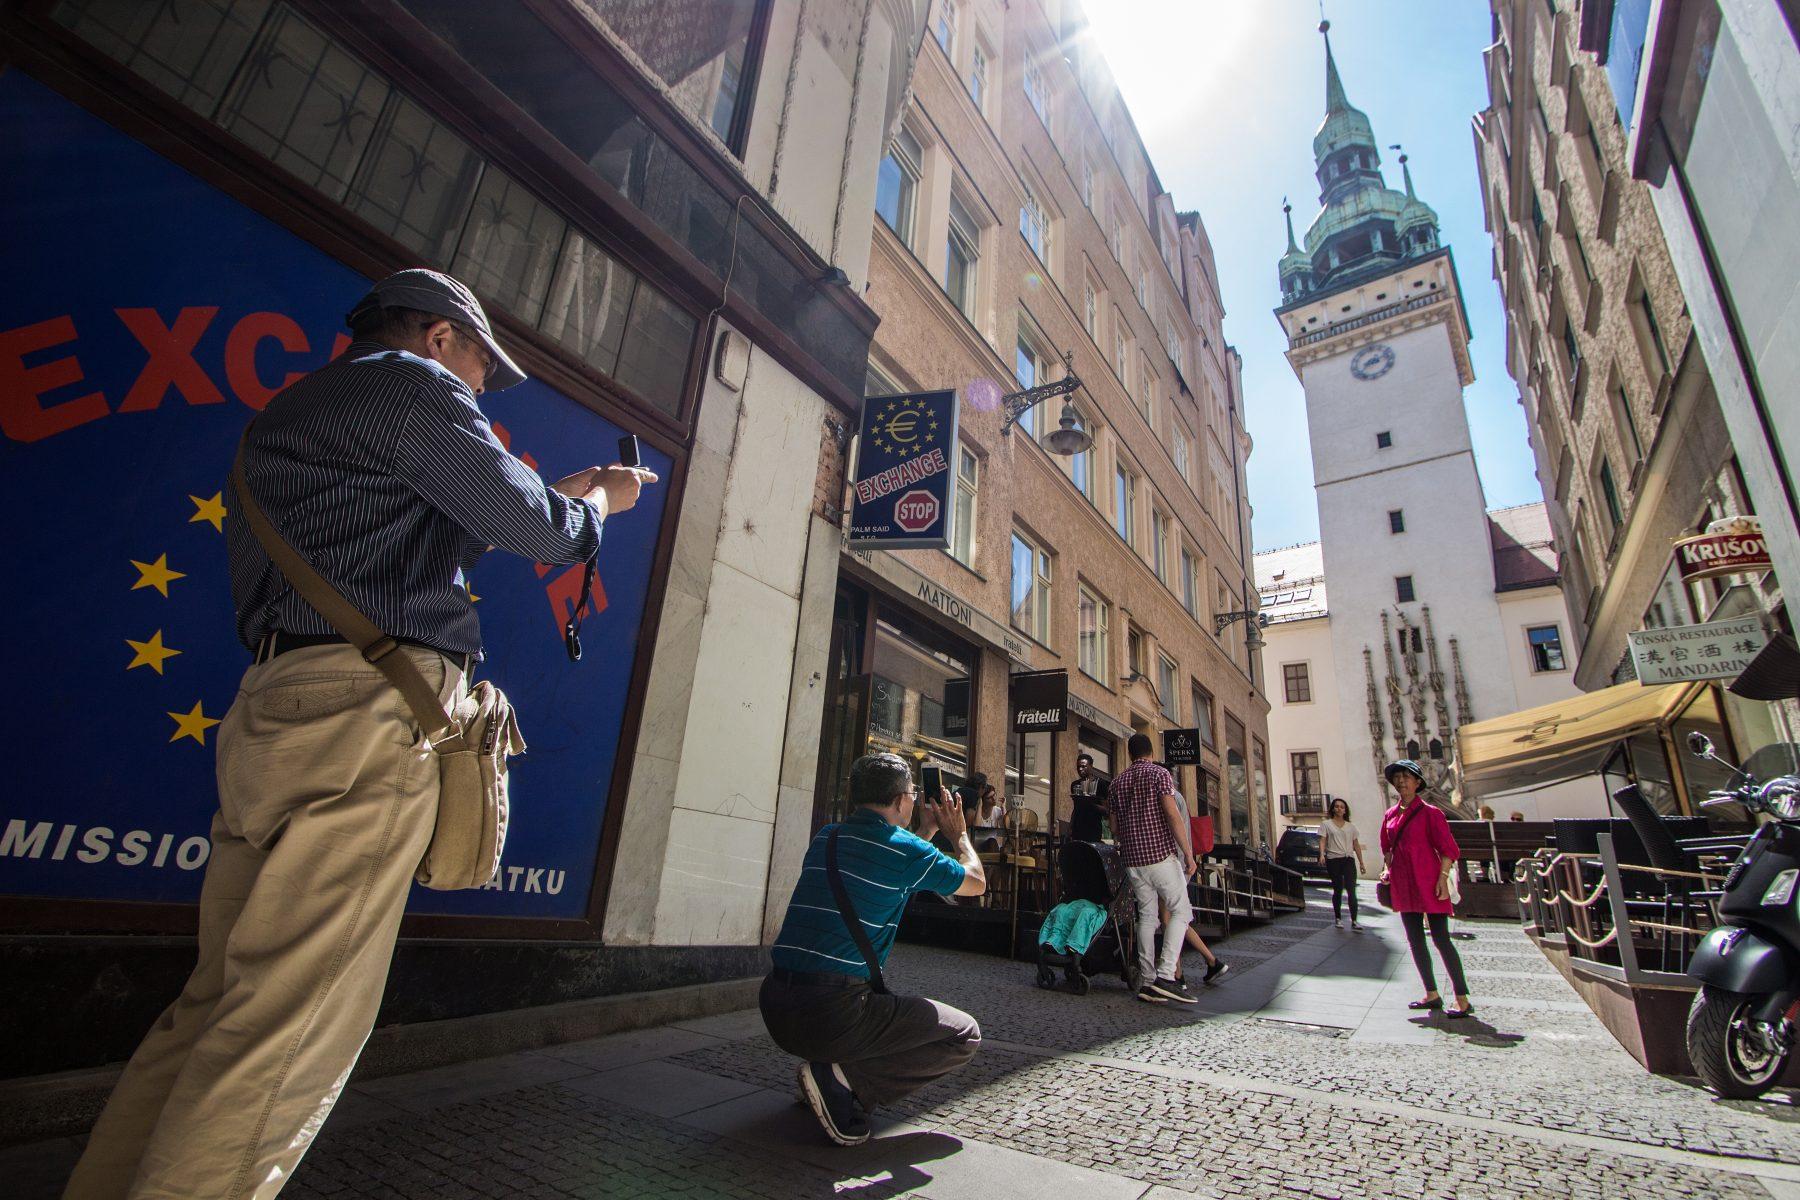 Stará radnice v Brně a turisté z Japonska